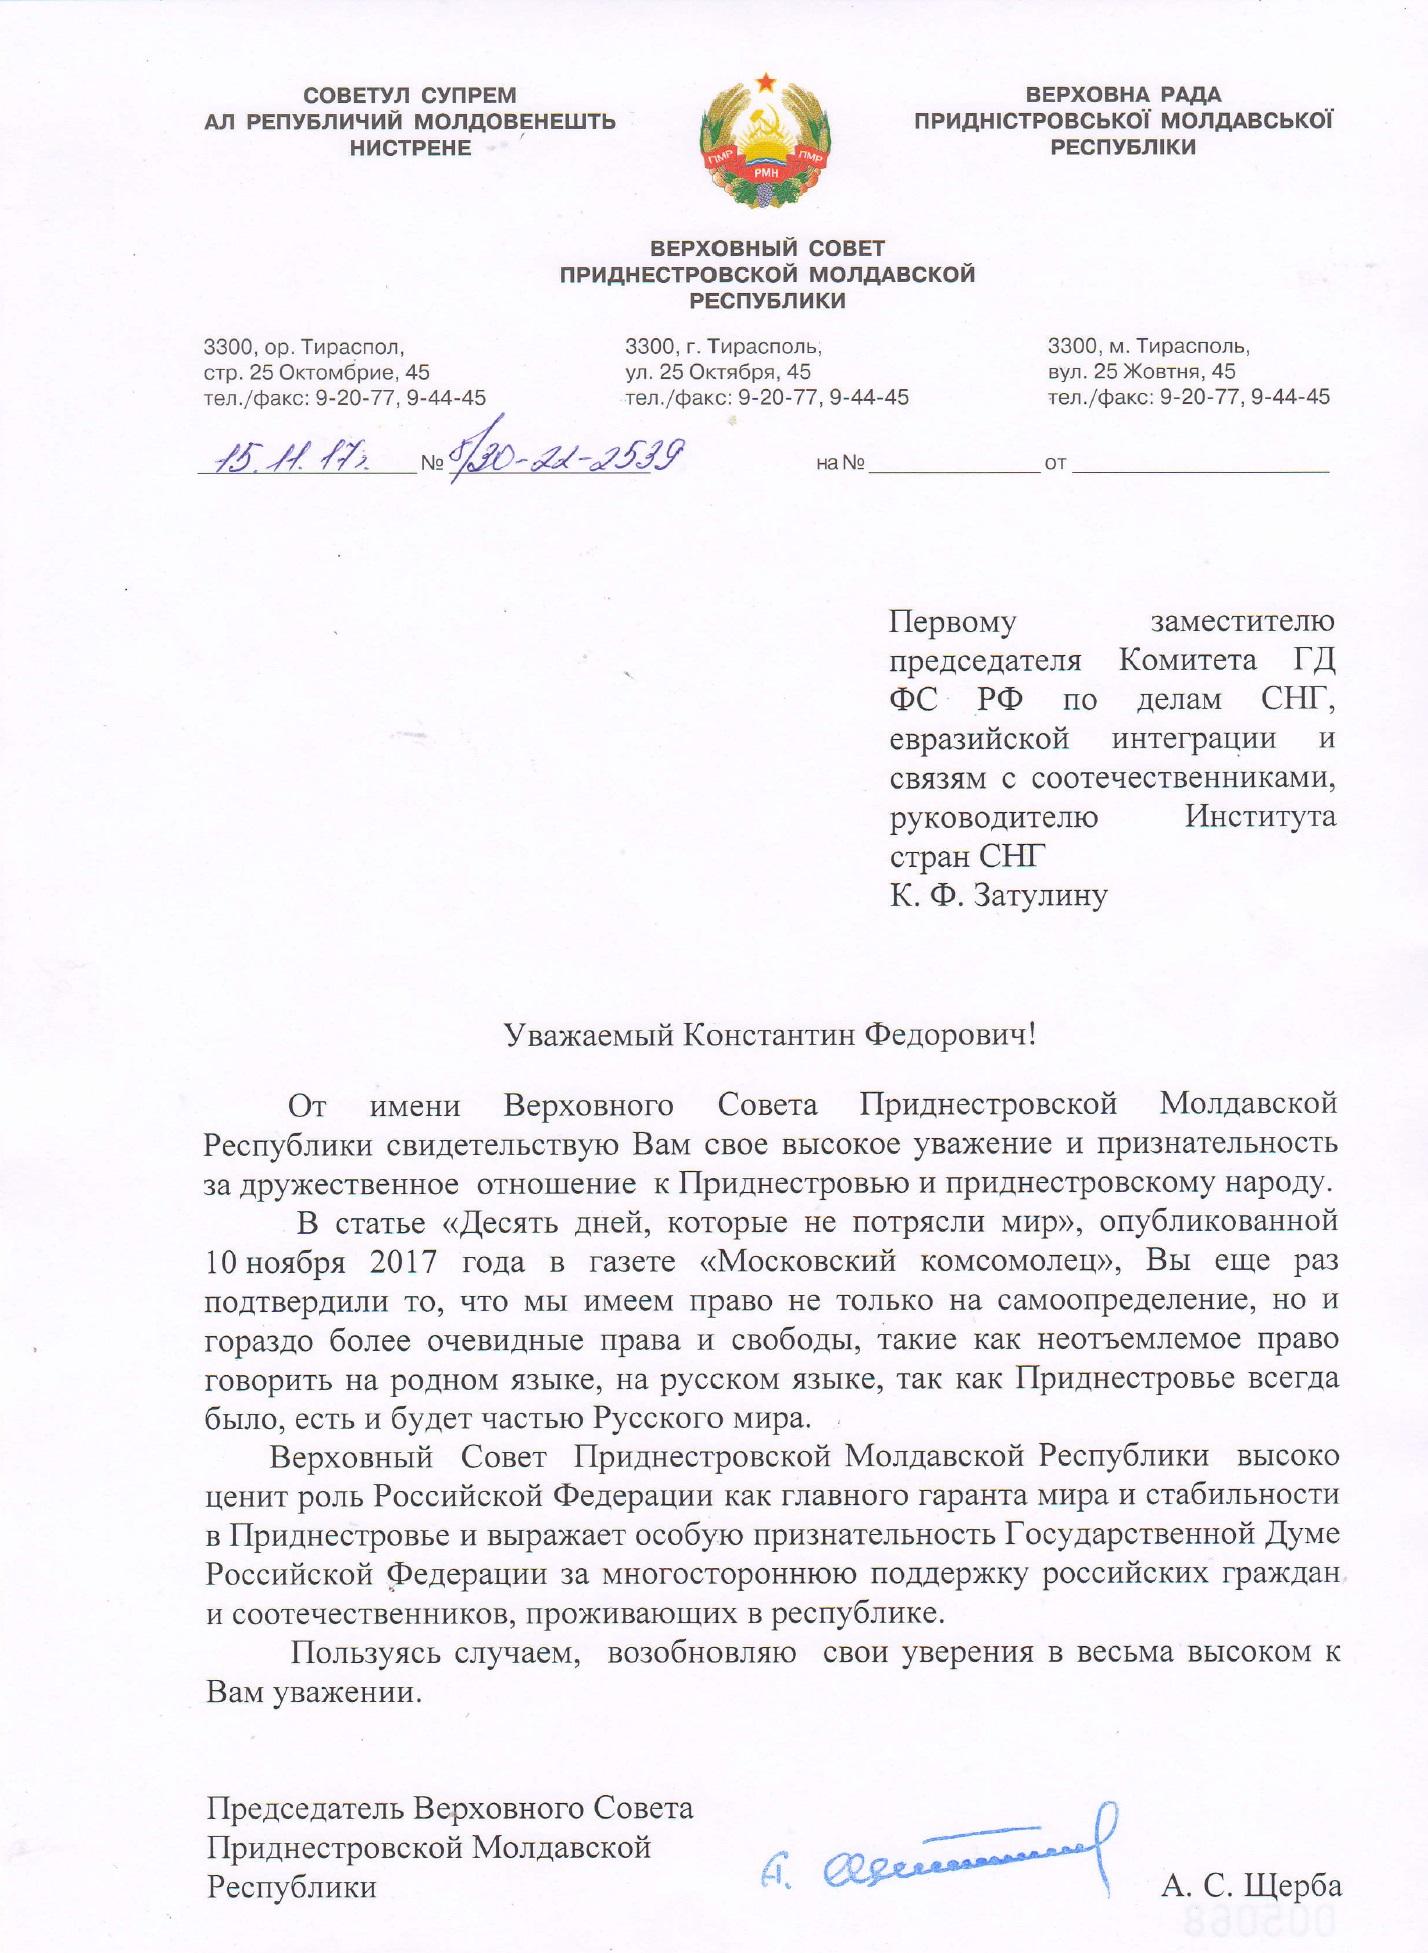 verxovnyj-sovet-pmr-poblagodaril-konstantina-zatulina